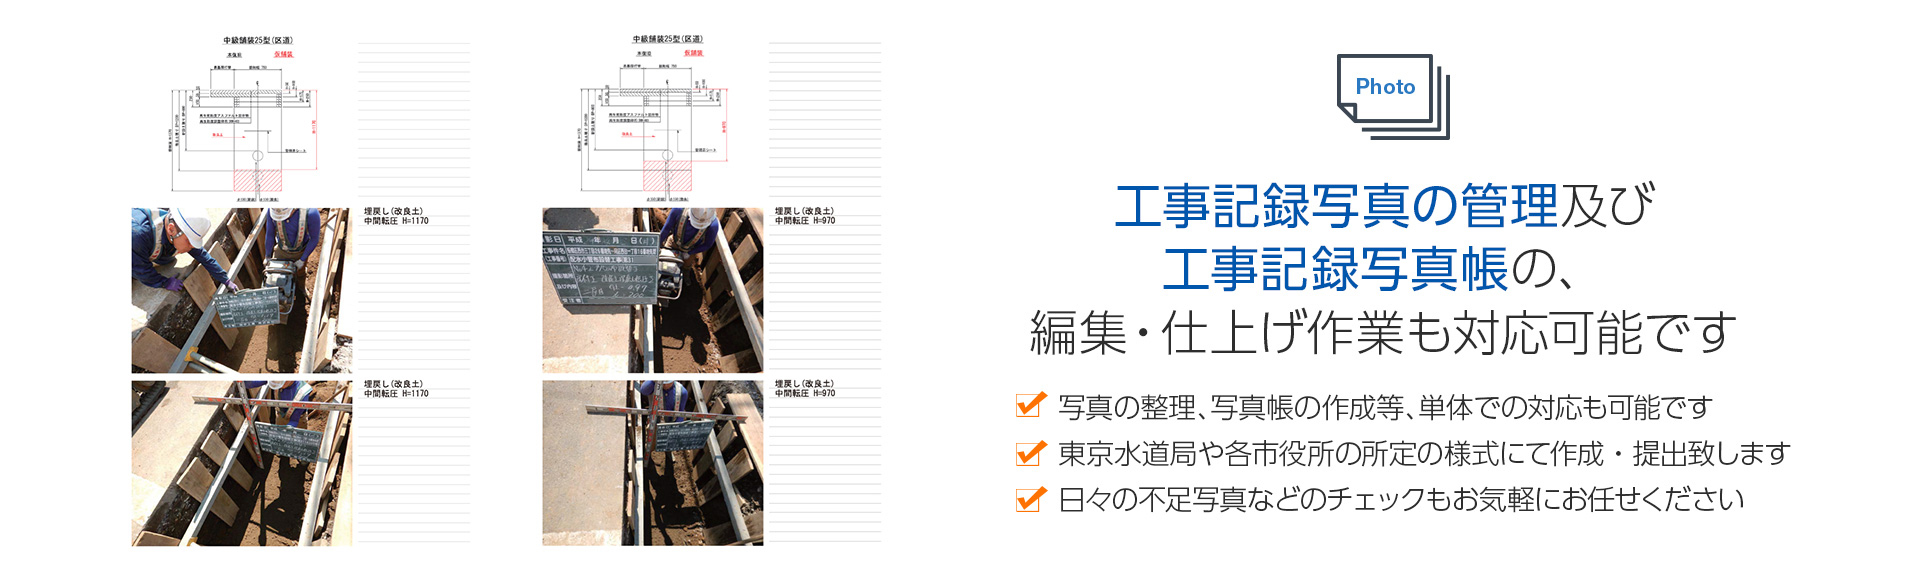 工事記録写真の管理及び工事記録写真帳の編集・仕上げ作業も対応可能です。